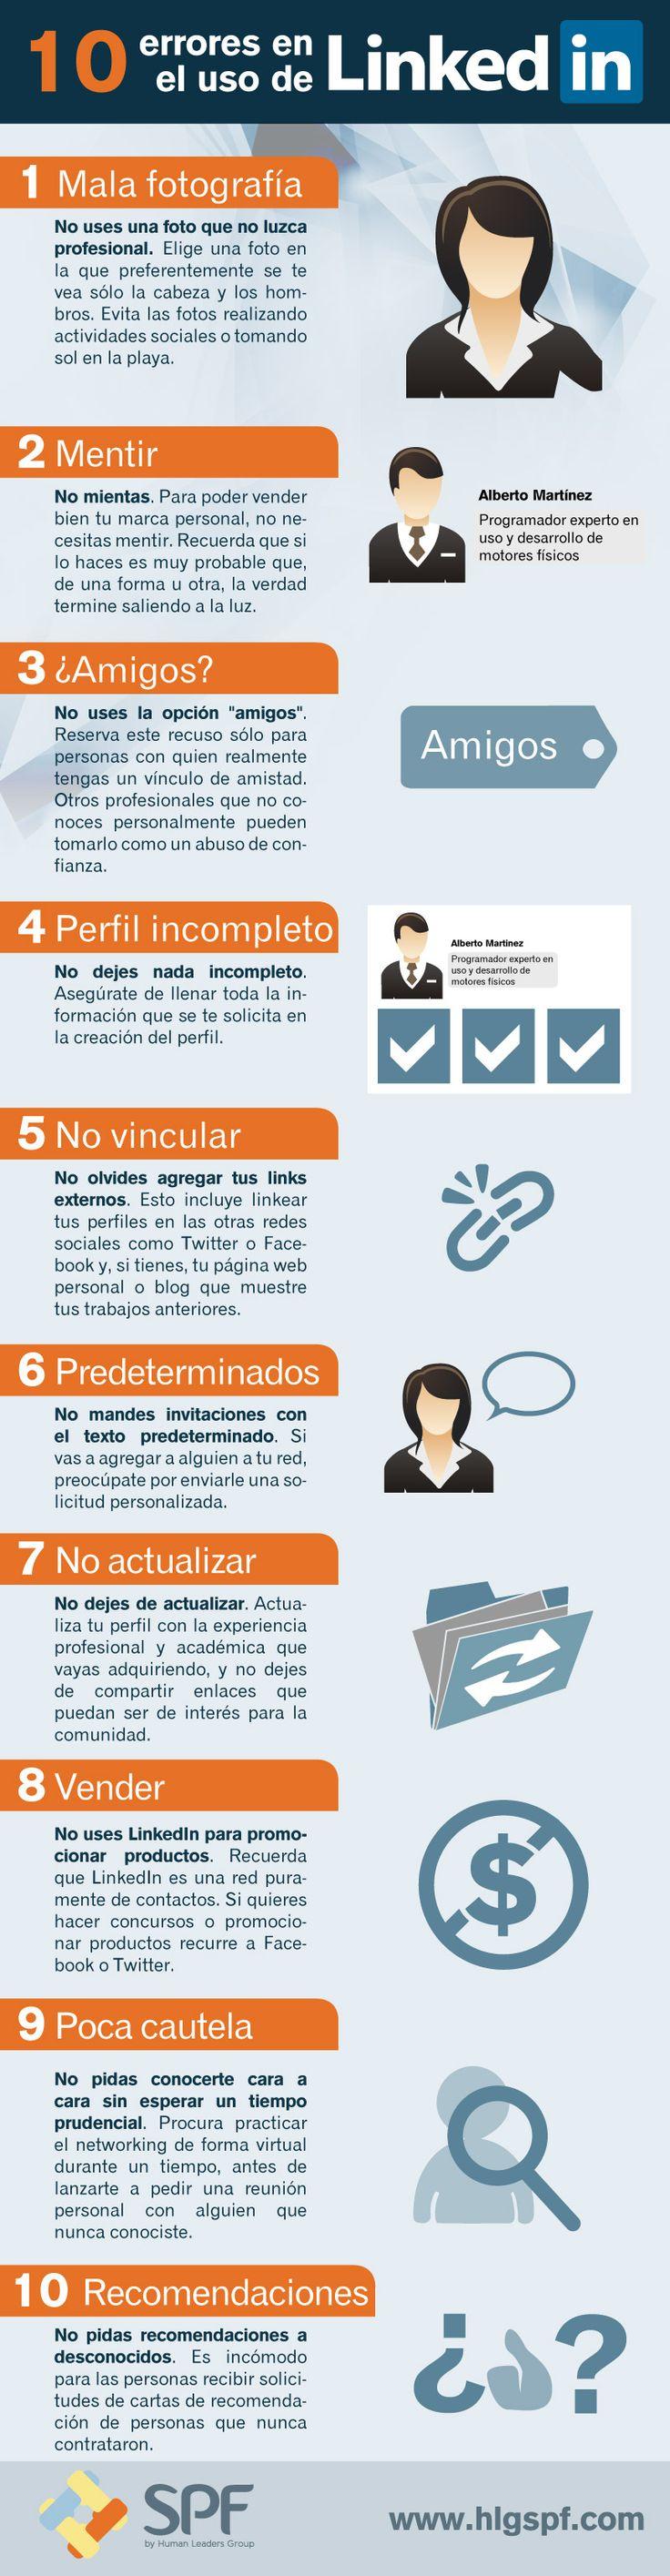 10 errores en el uso de LinkedIn. Infografía en español. #CommunityManager